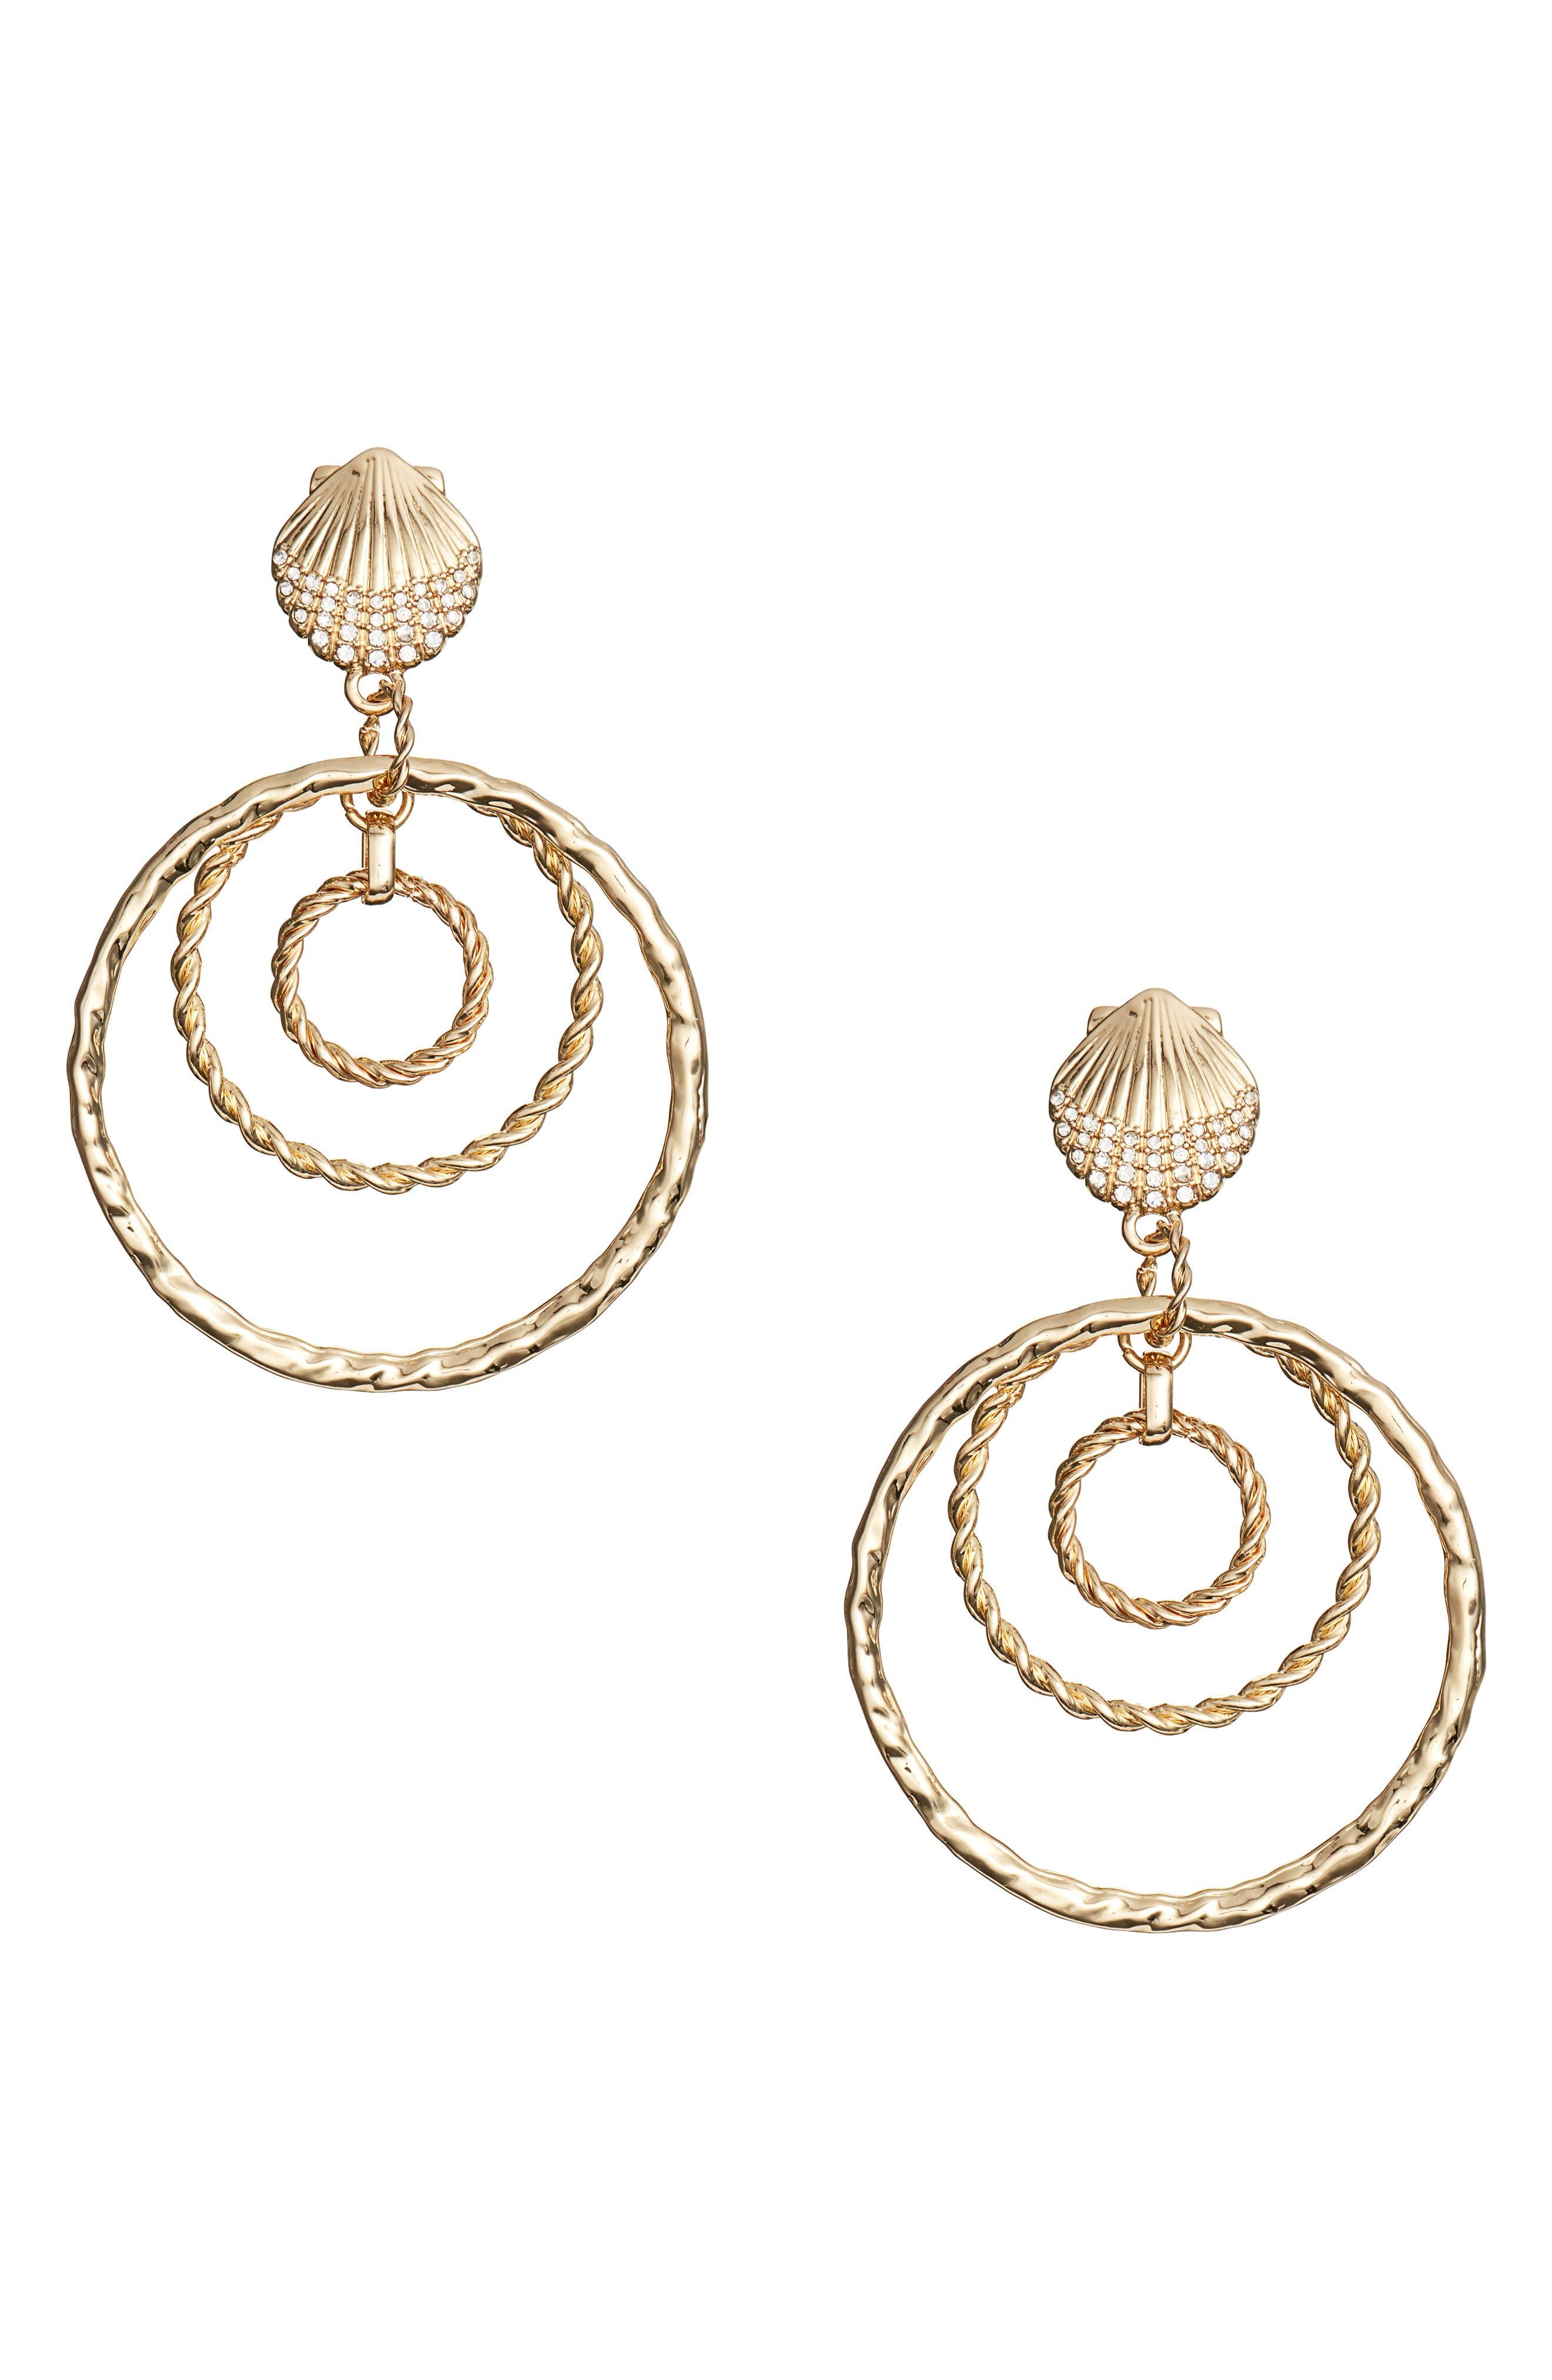 Lilly Pulitzer® Celestial Seas Hoop Earrings